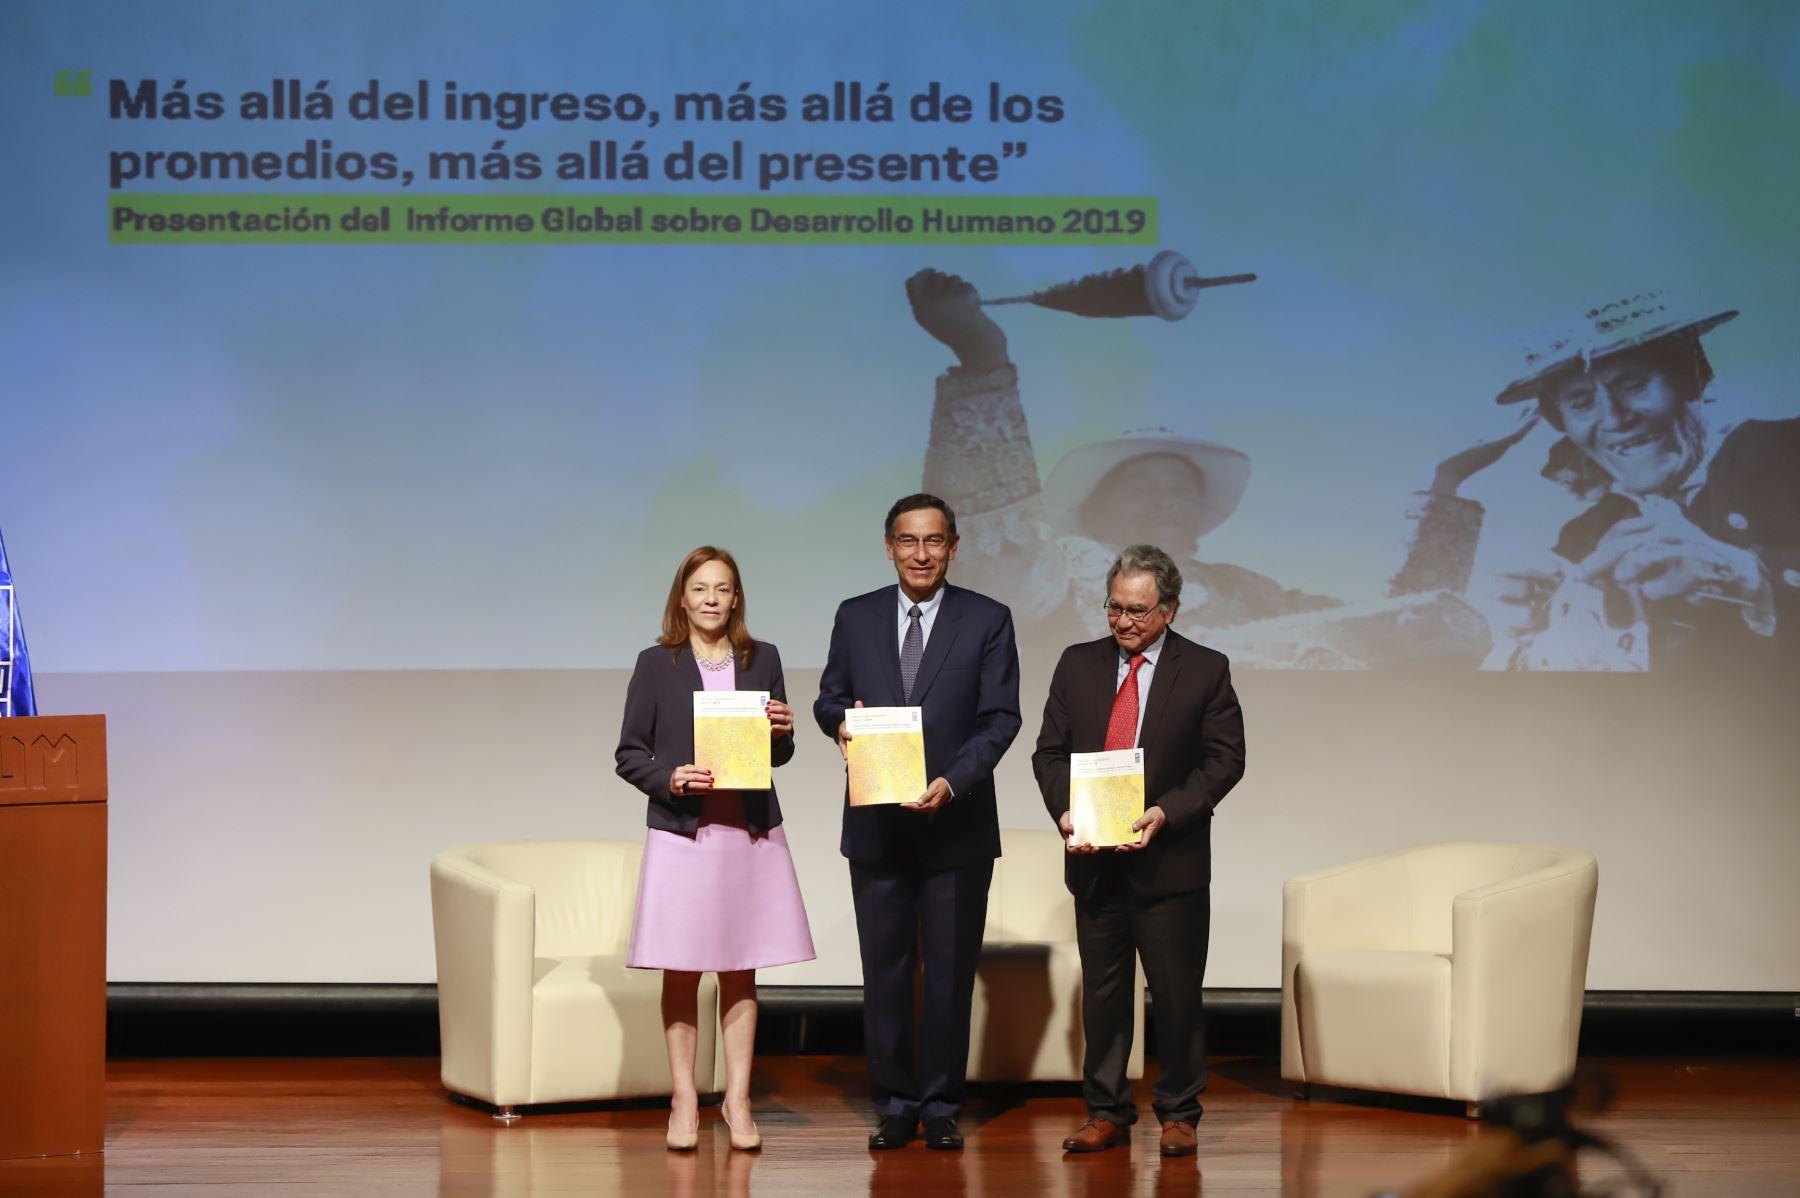 Presidente Martín Vizcarra participó en la presentación del Informe Global Sobre Desarrollo Humano 2019 de las Naciones Unidas. Foto: ANDINA/Prensa Presidencia